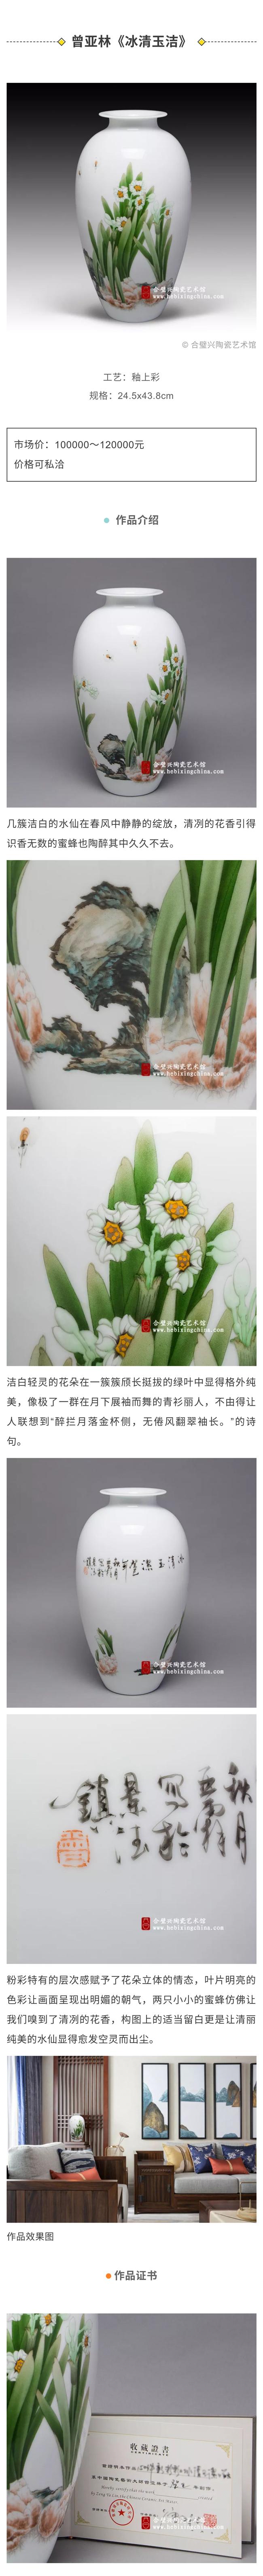 曾亚林-冰清玉洁-小.jpg